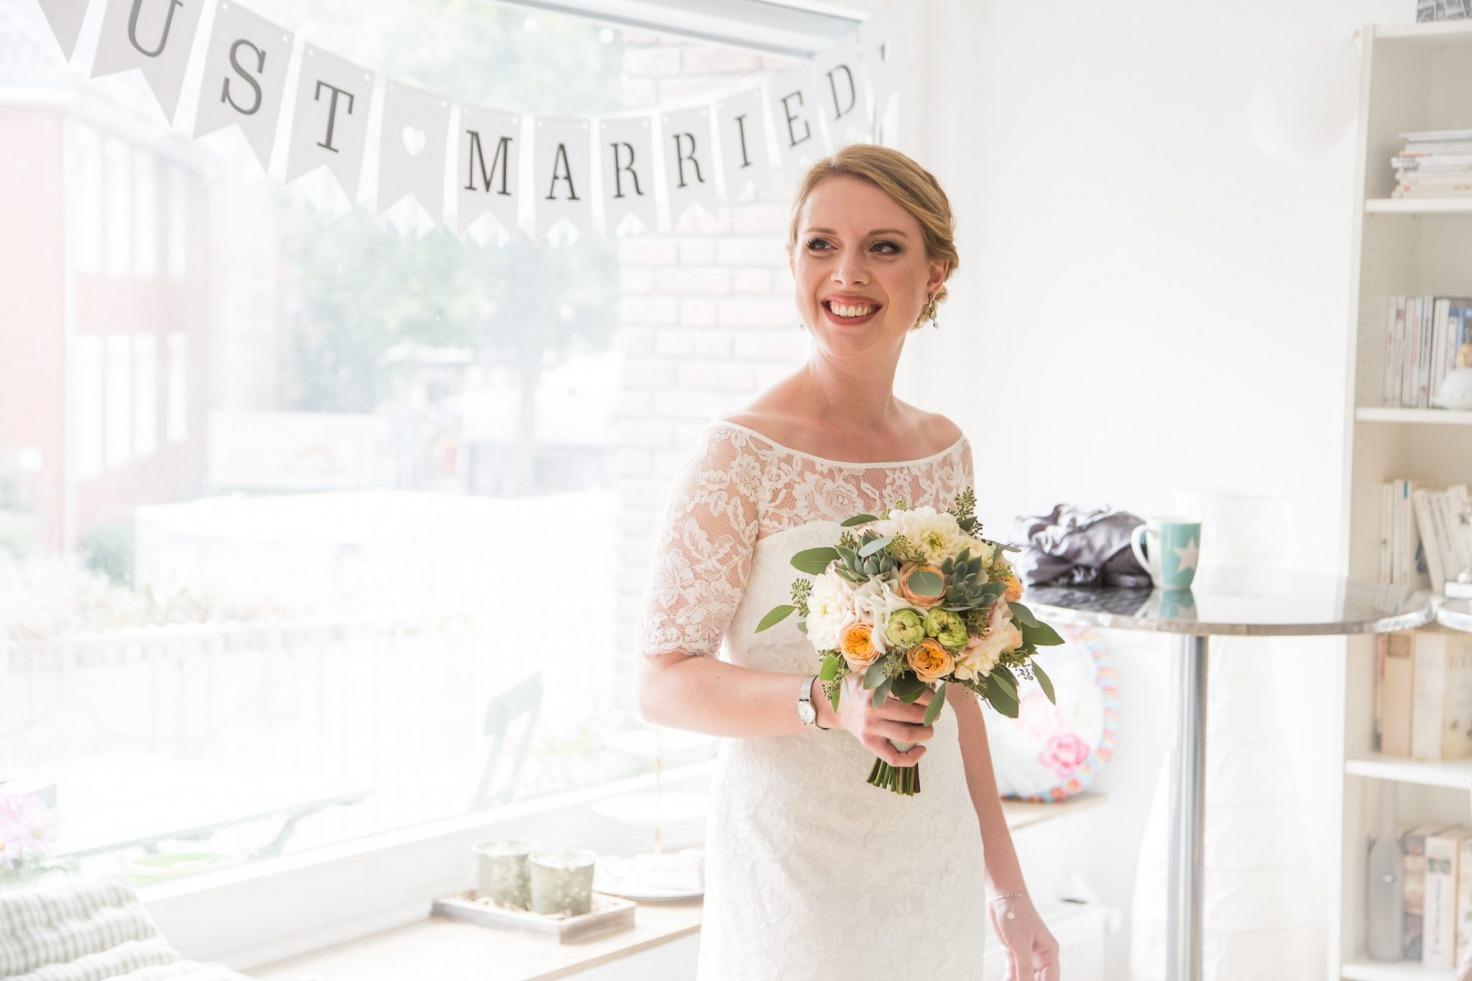 Hochzeit von Jennifer und Stefan in Münster: Braut steht vor dem Fenster und hält ihren Brautstrauß